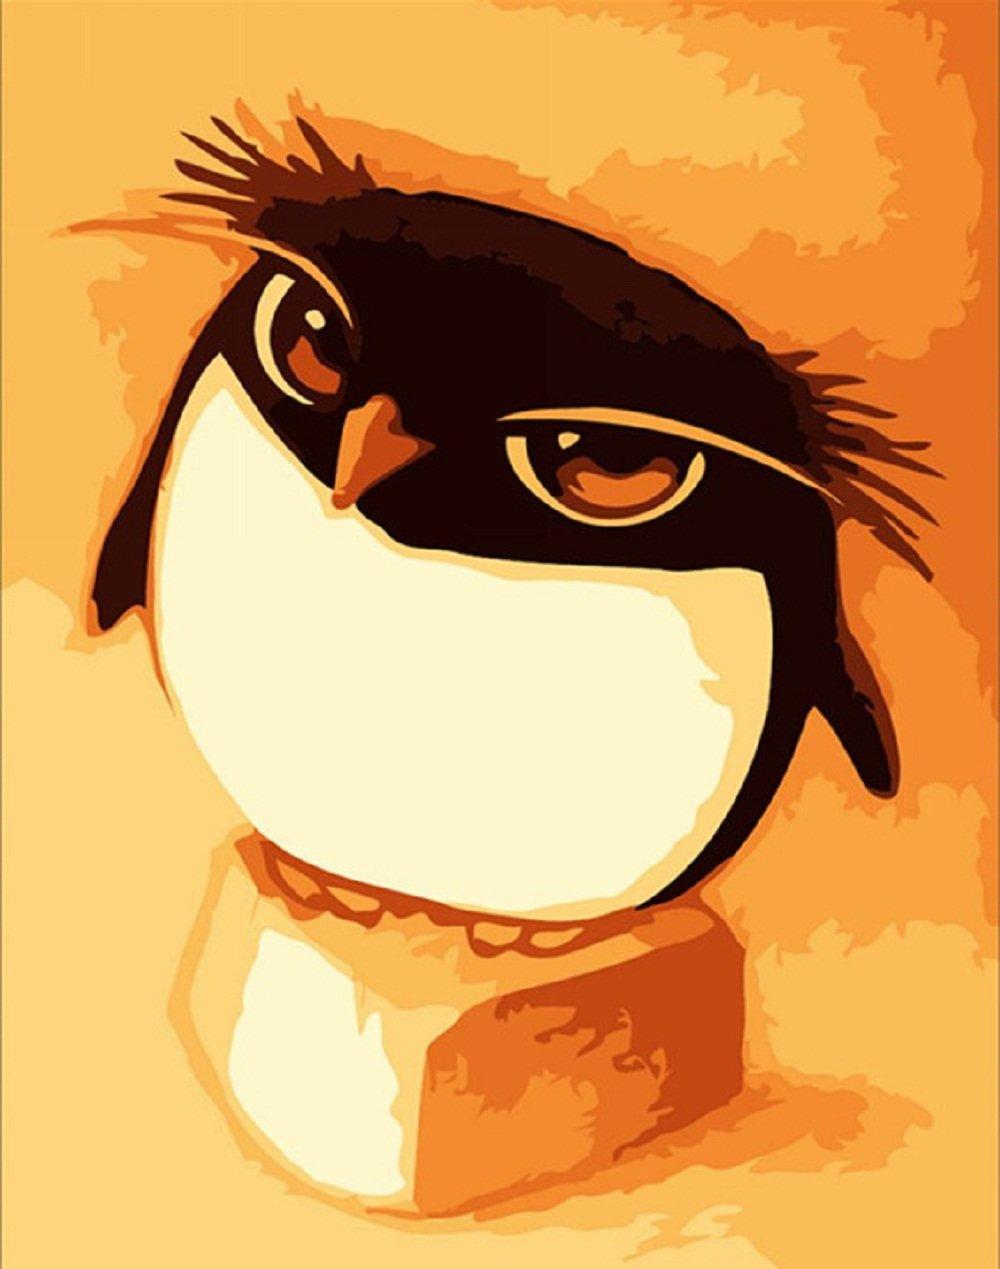 Смешные и милые картинки животных нарисованные, прикольные которых много